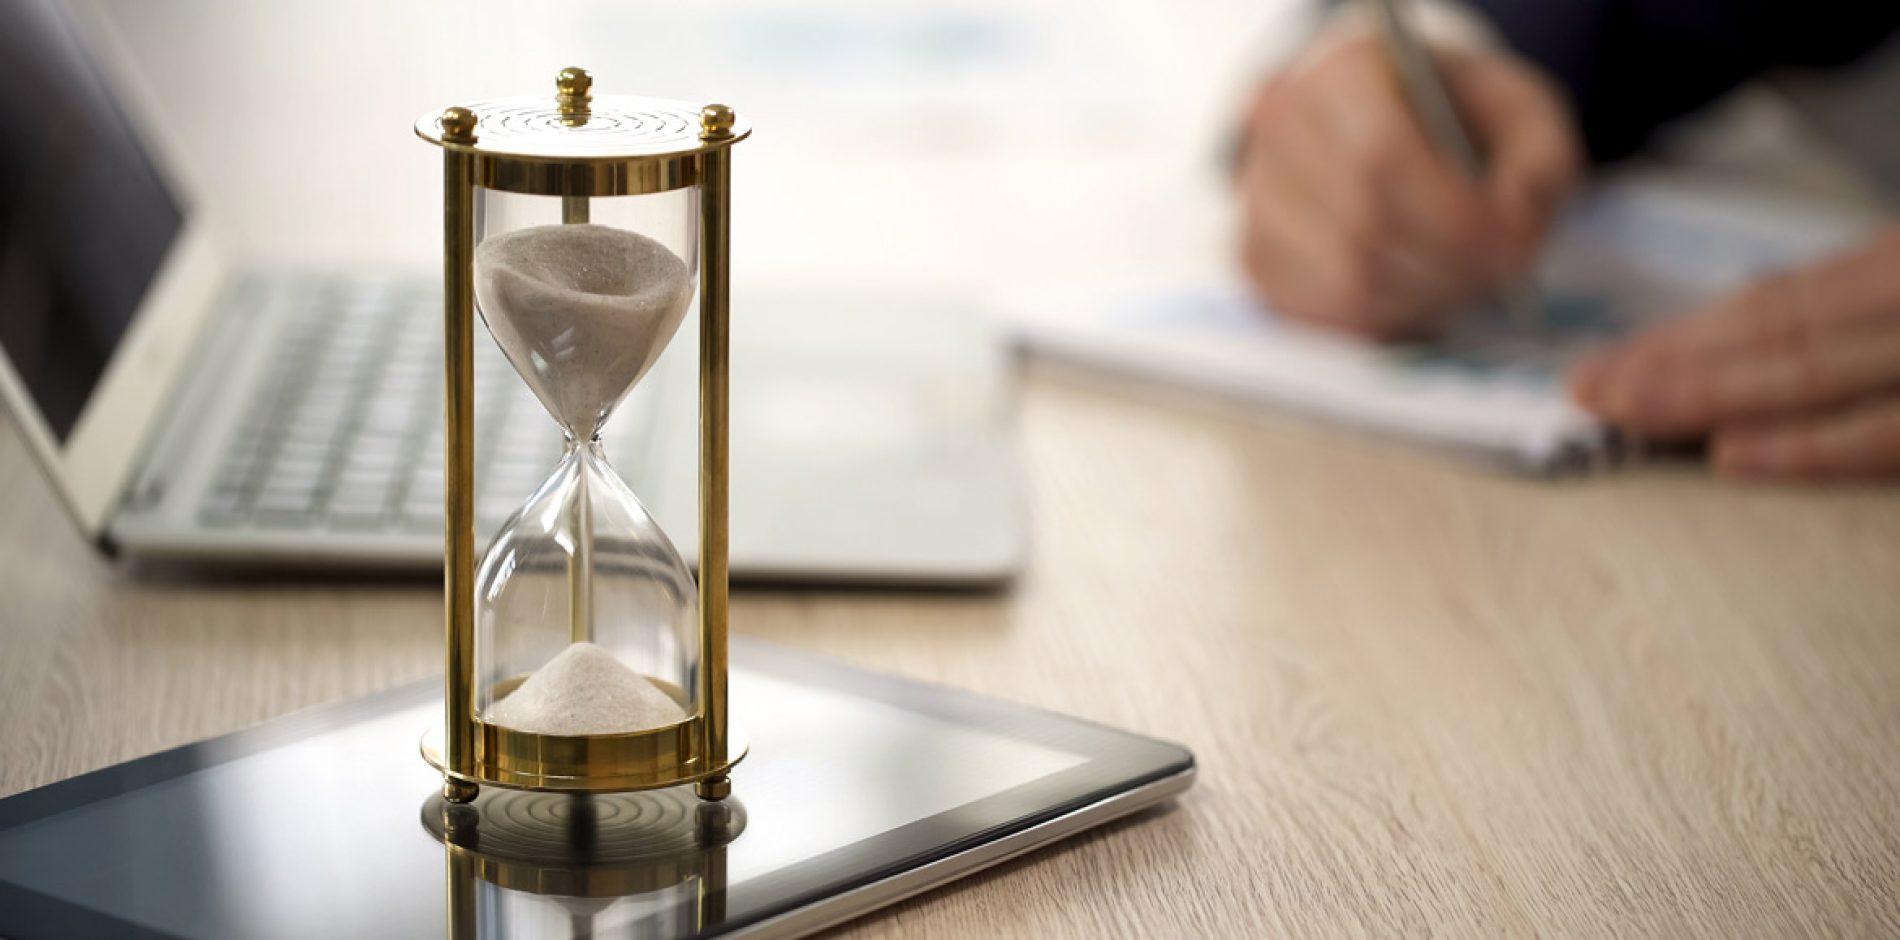 Contratti a tempo determinato : esclusioni dal computo e non applicazione della normativa [E.Massi]